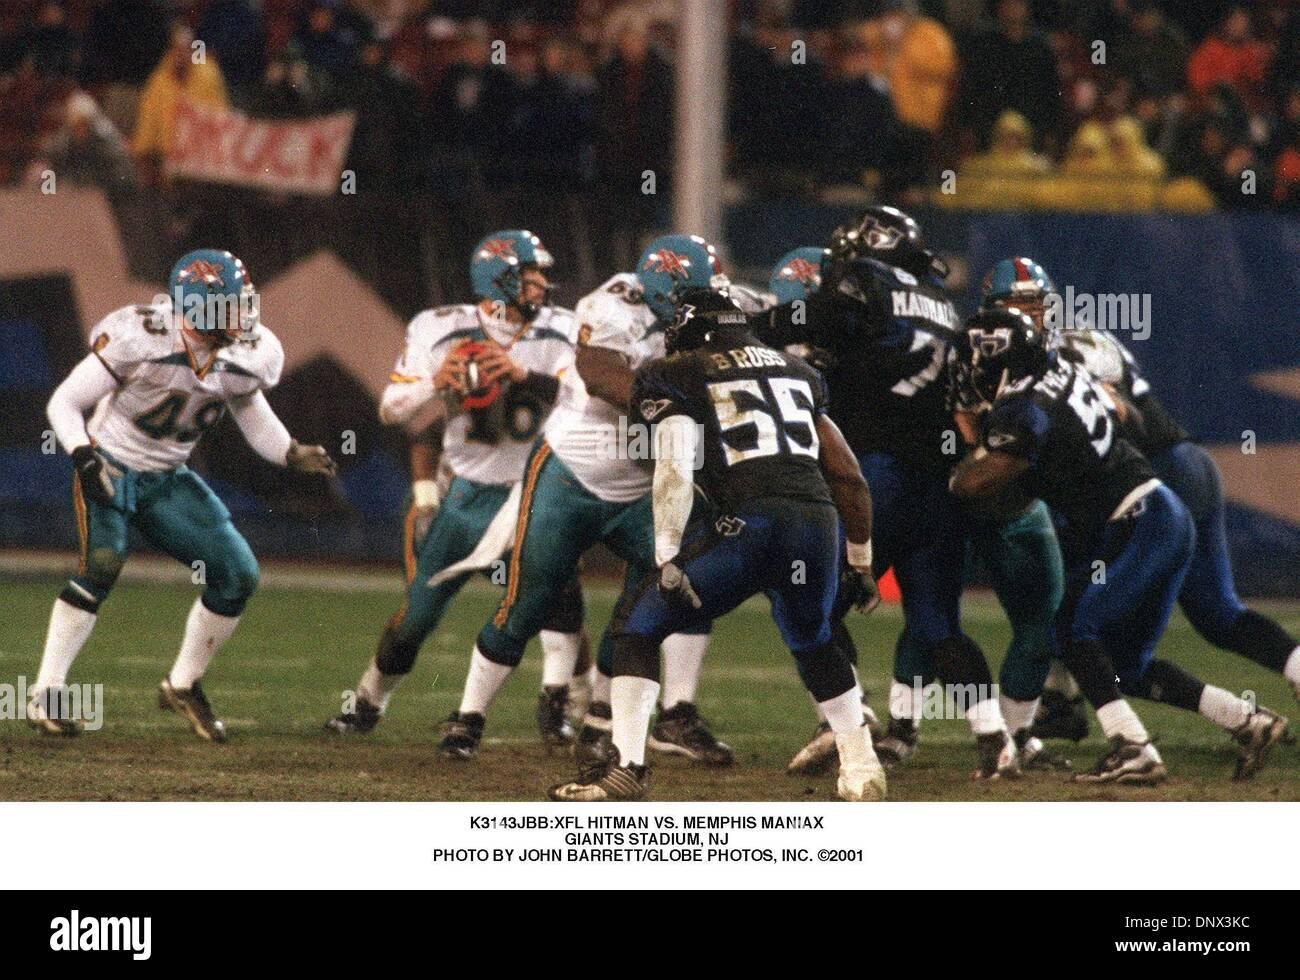 Abril 13, 2001 - K3143JBB:HITMAN XFL VS. MEMPHIS MANIAX .en el Giants Stadium, NJ . JOHN BARRETT/ 2001(Crédito Imagen: © Globe Photos/ZUMAPRESS.com) Foto de stock